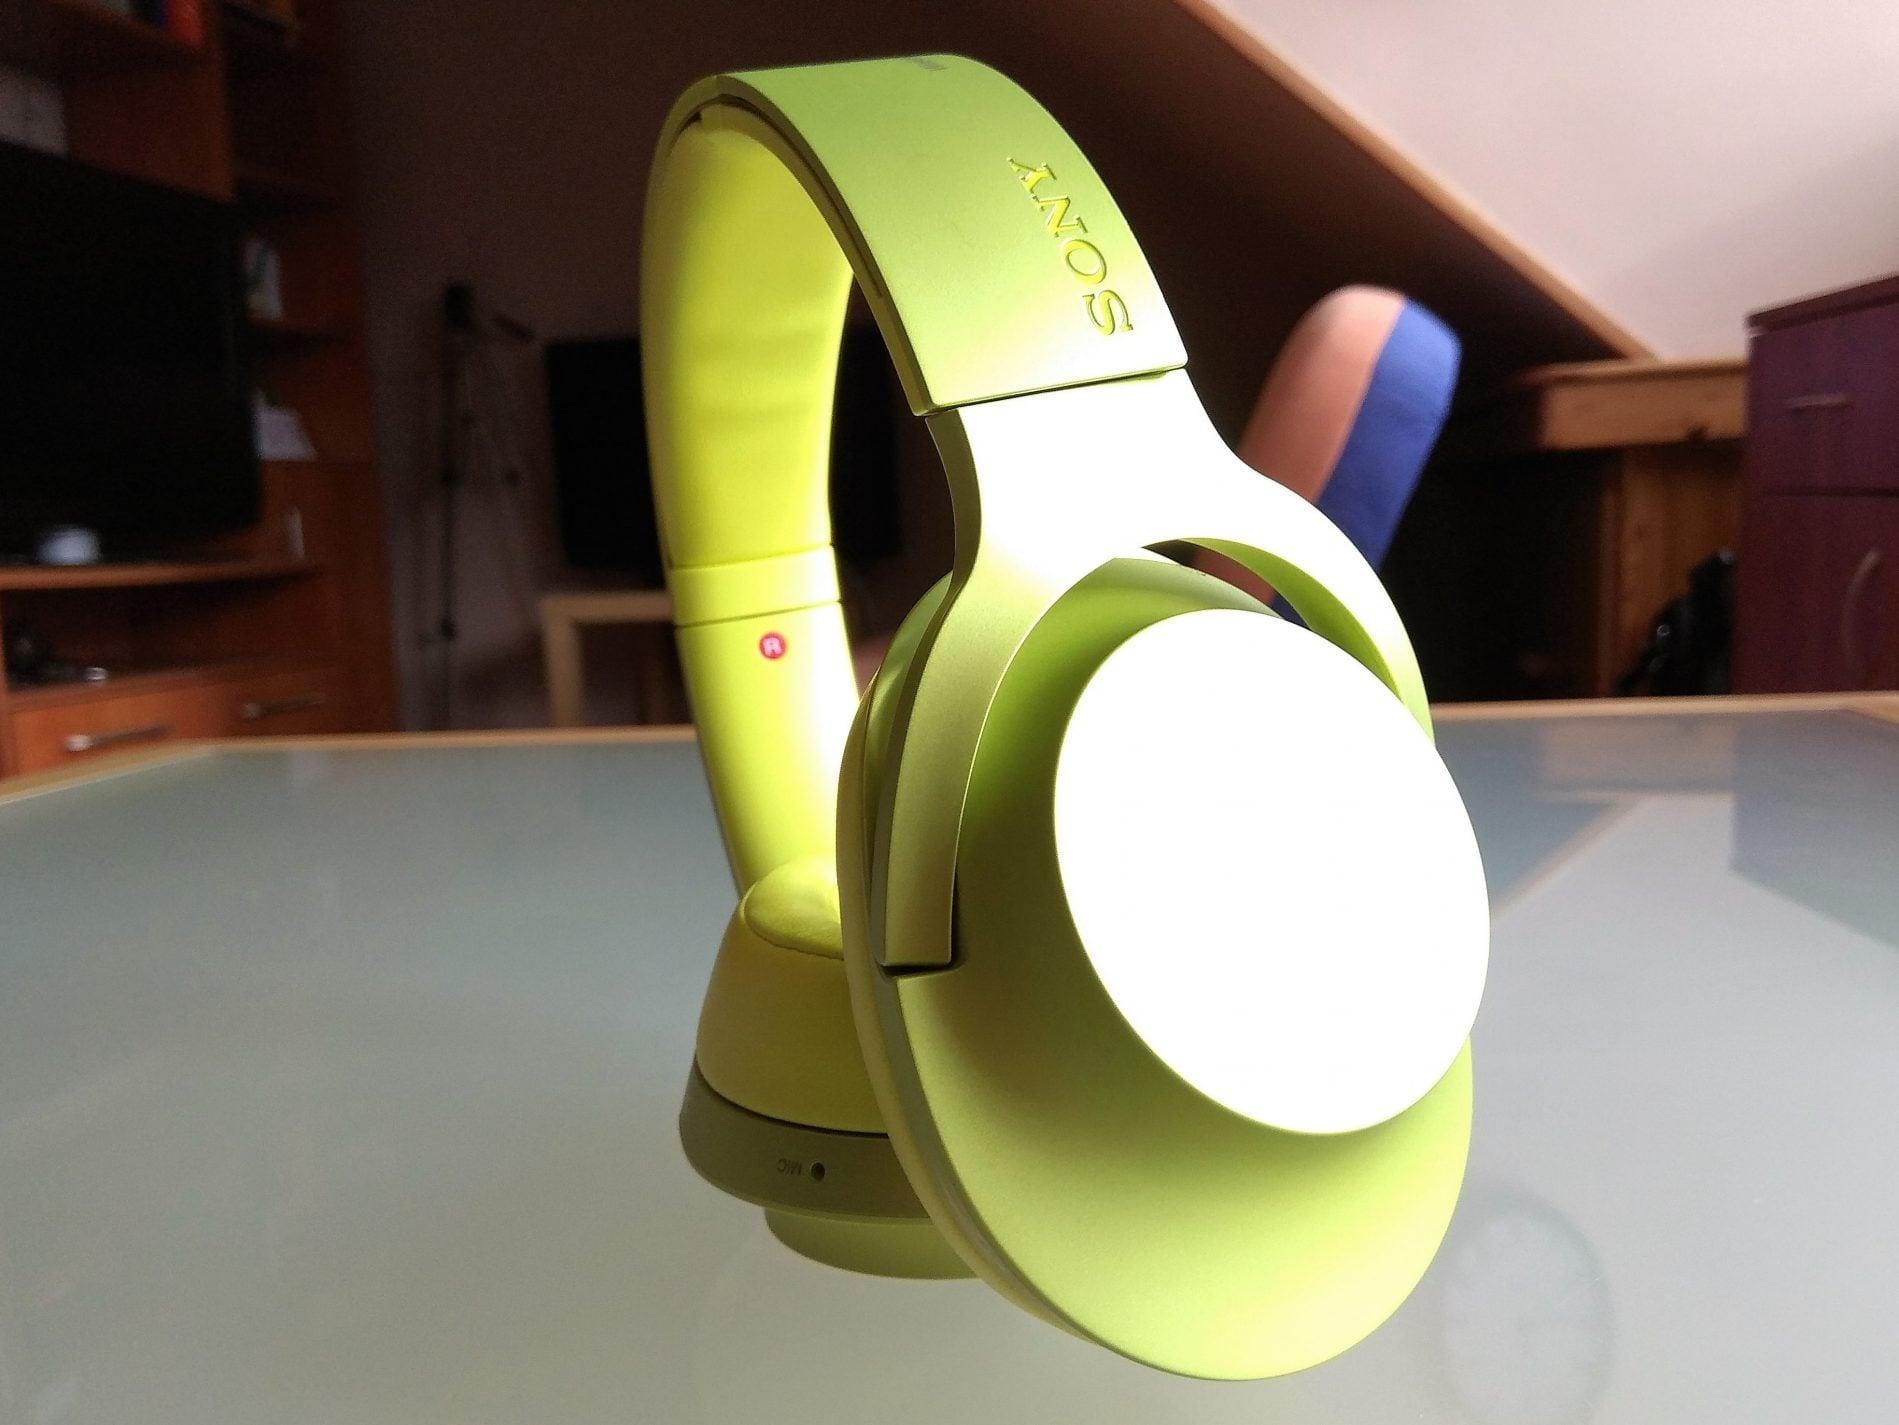 Recenzja słuchawek bezprzewodowych Sony MDR-100ABN. Dobre decyzje brzmią właśnie w ten sposób 21